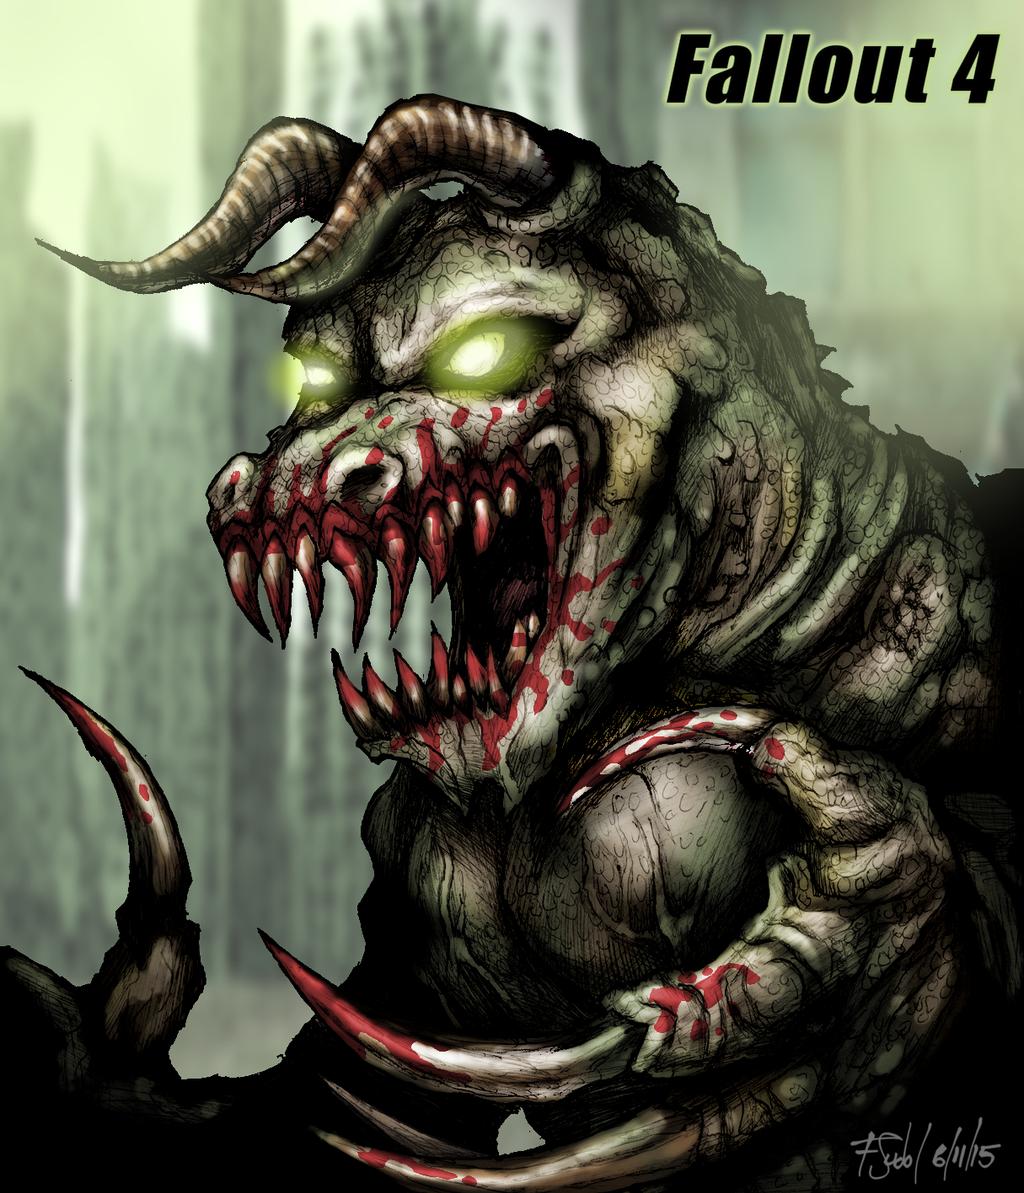 Fallout 3 Fan Art: Fallout 4 Deathclaw By FSudol On DeviantArt